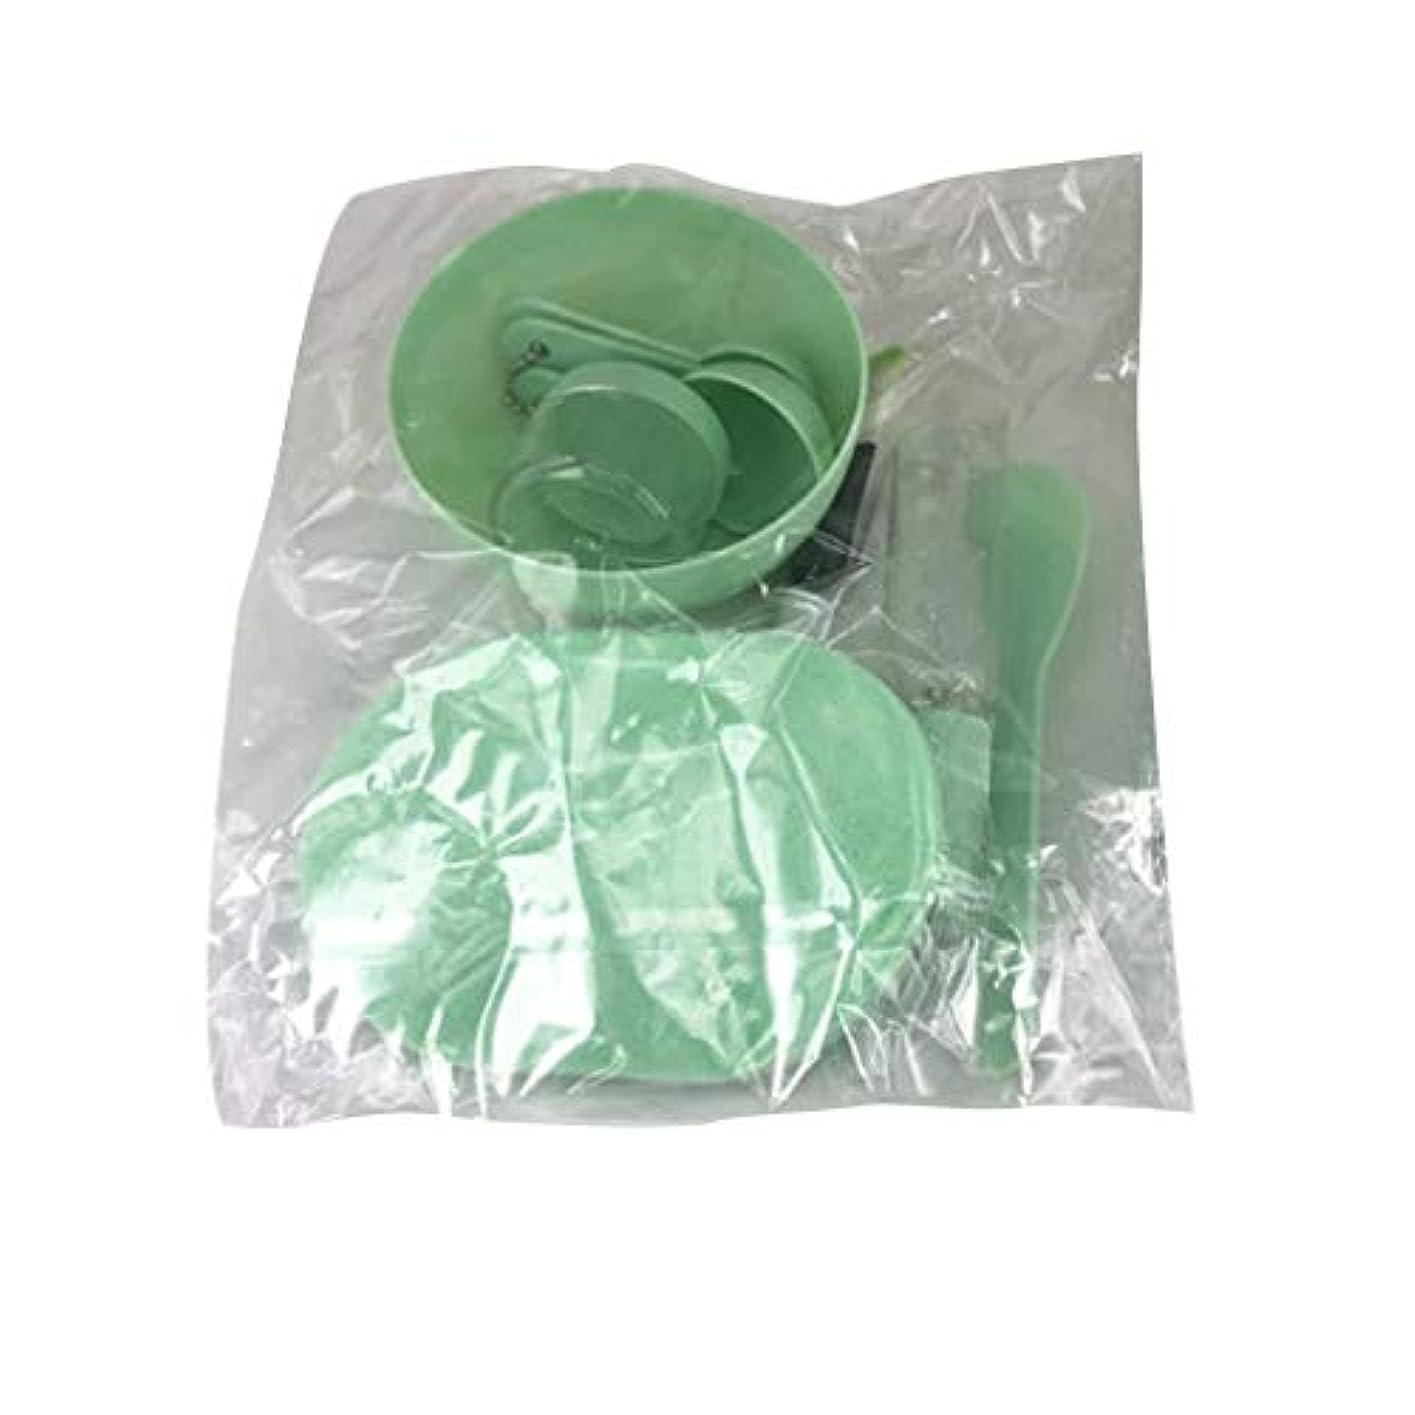 野菜クック粒Nerhaily 美容パック用道具 マスクツール プラスチックボウル メイクアップツール フェイシャルマスクツール 9点セット DIY用品 スライム用ボウル サロン用具 全3色あり